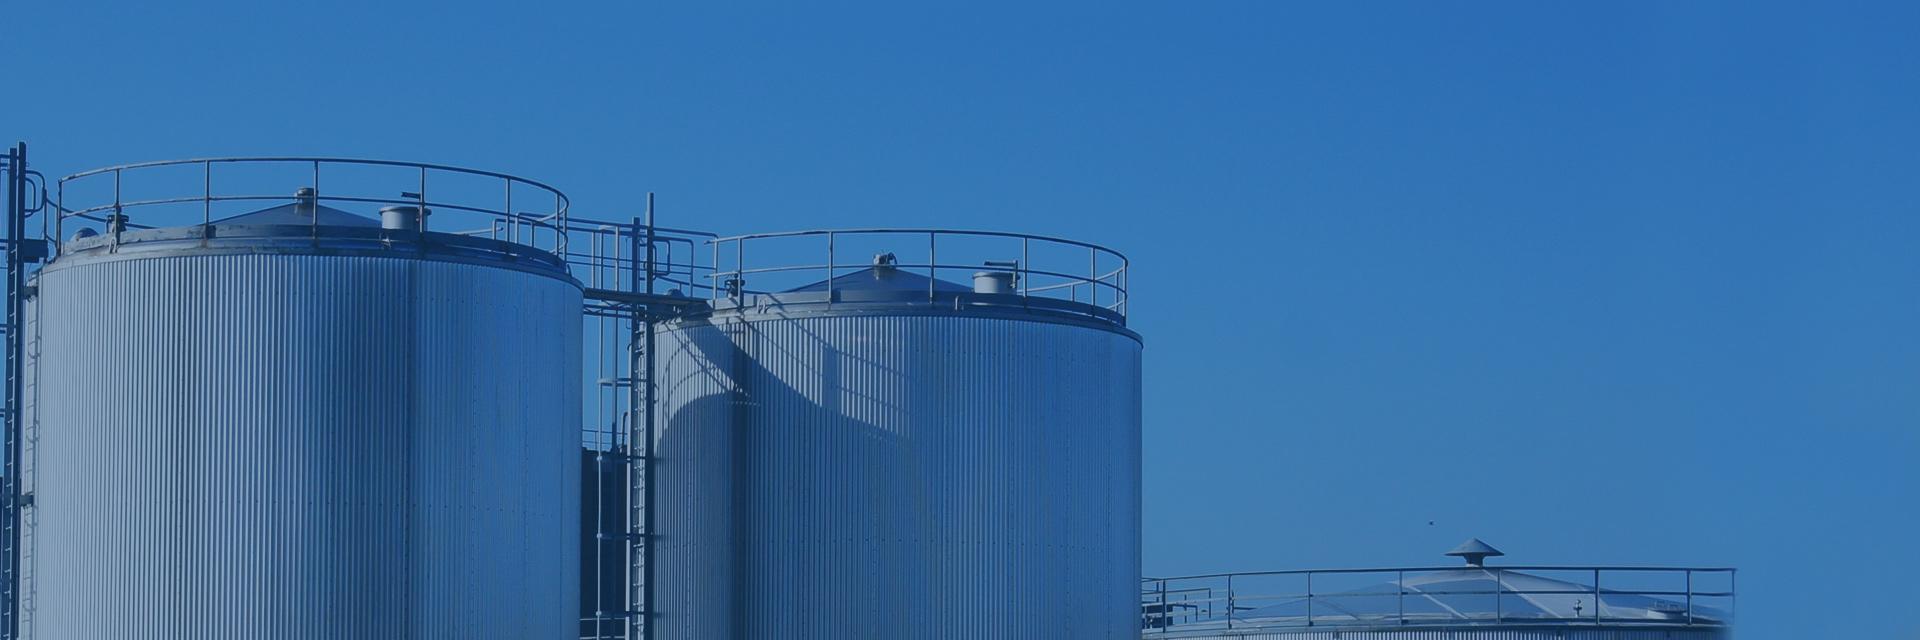 公司地处中国第三大油田,辽河油田总部所在地辽宁省盘锦市。